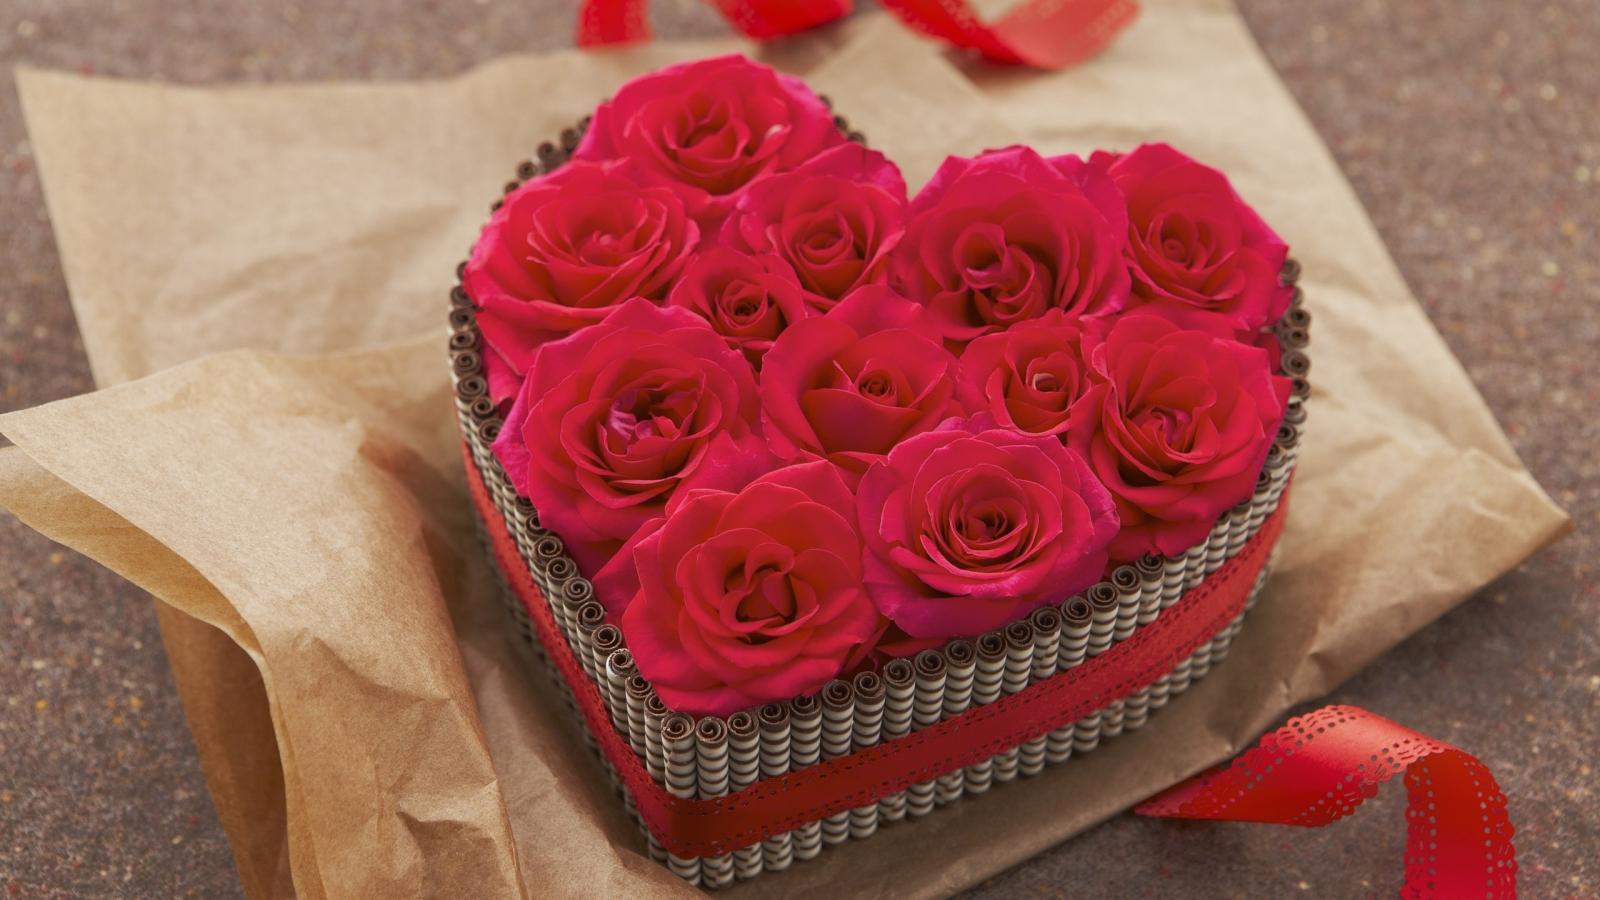 Regalo de rosas - 1600x900